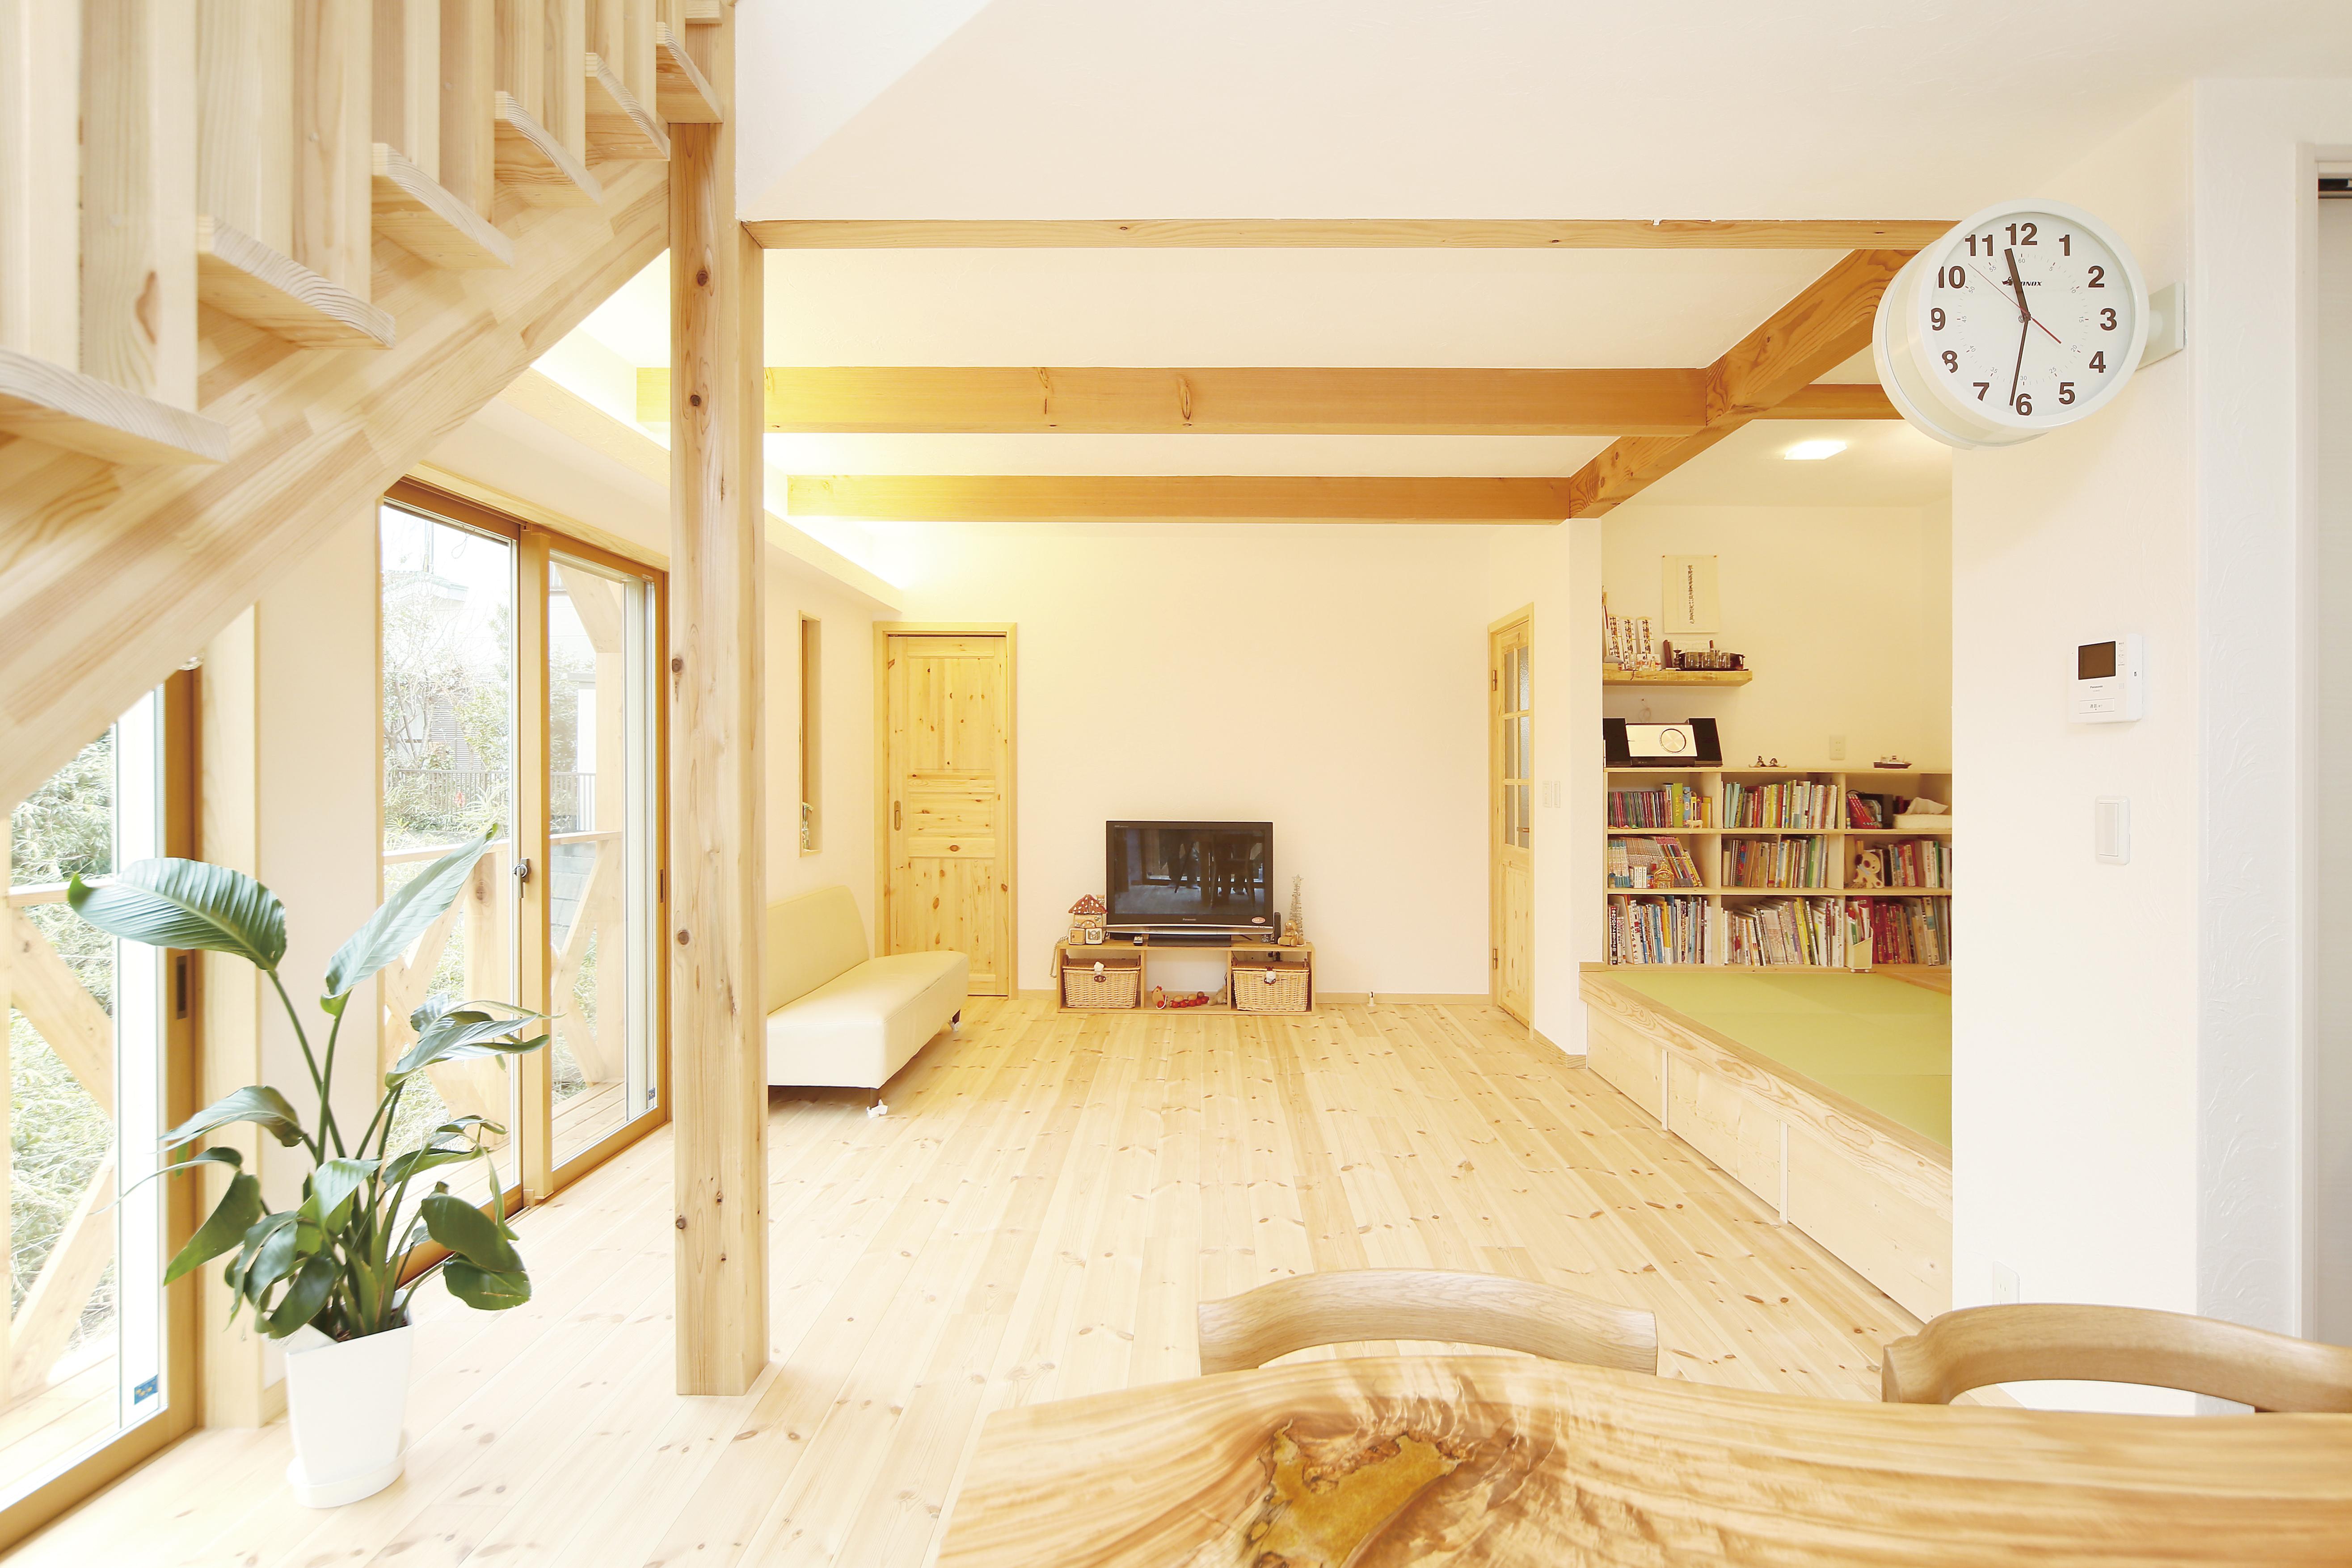 横須賀市に建つパインフローリングの家